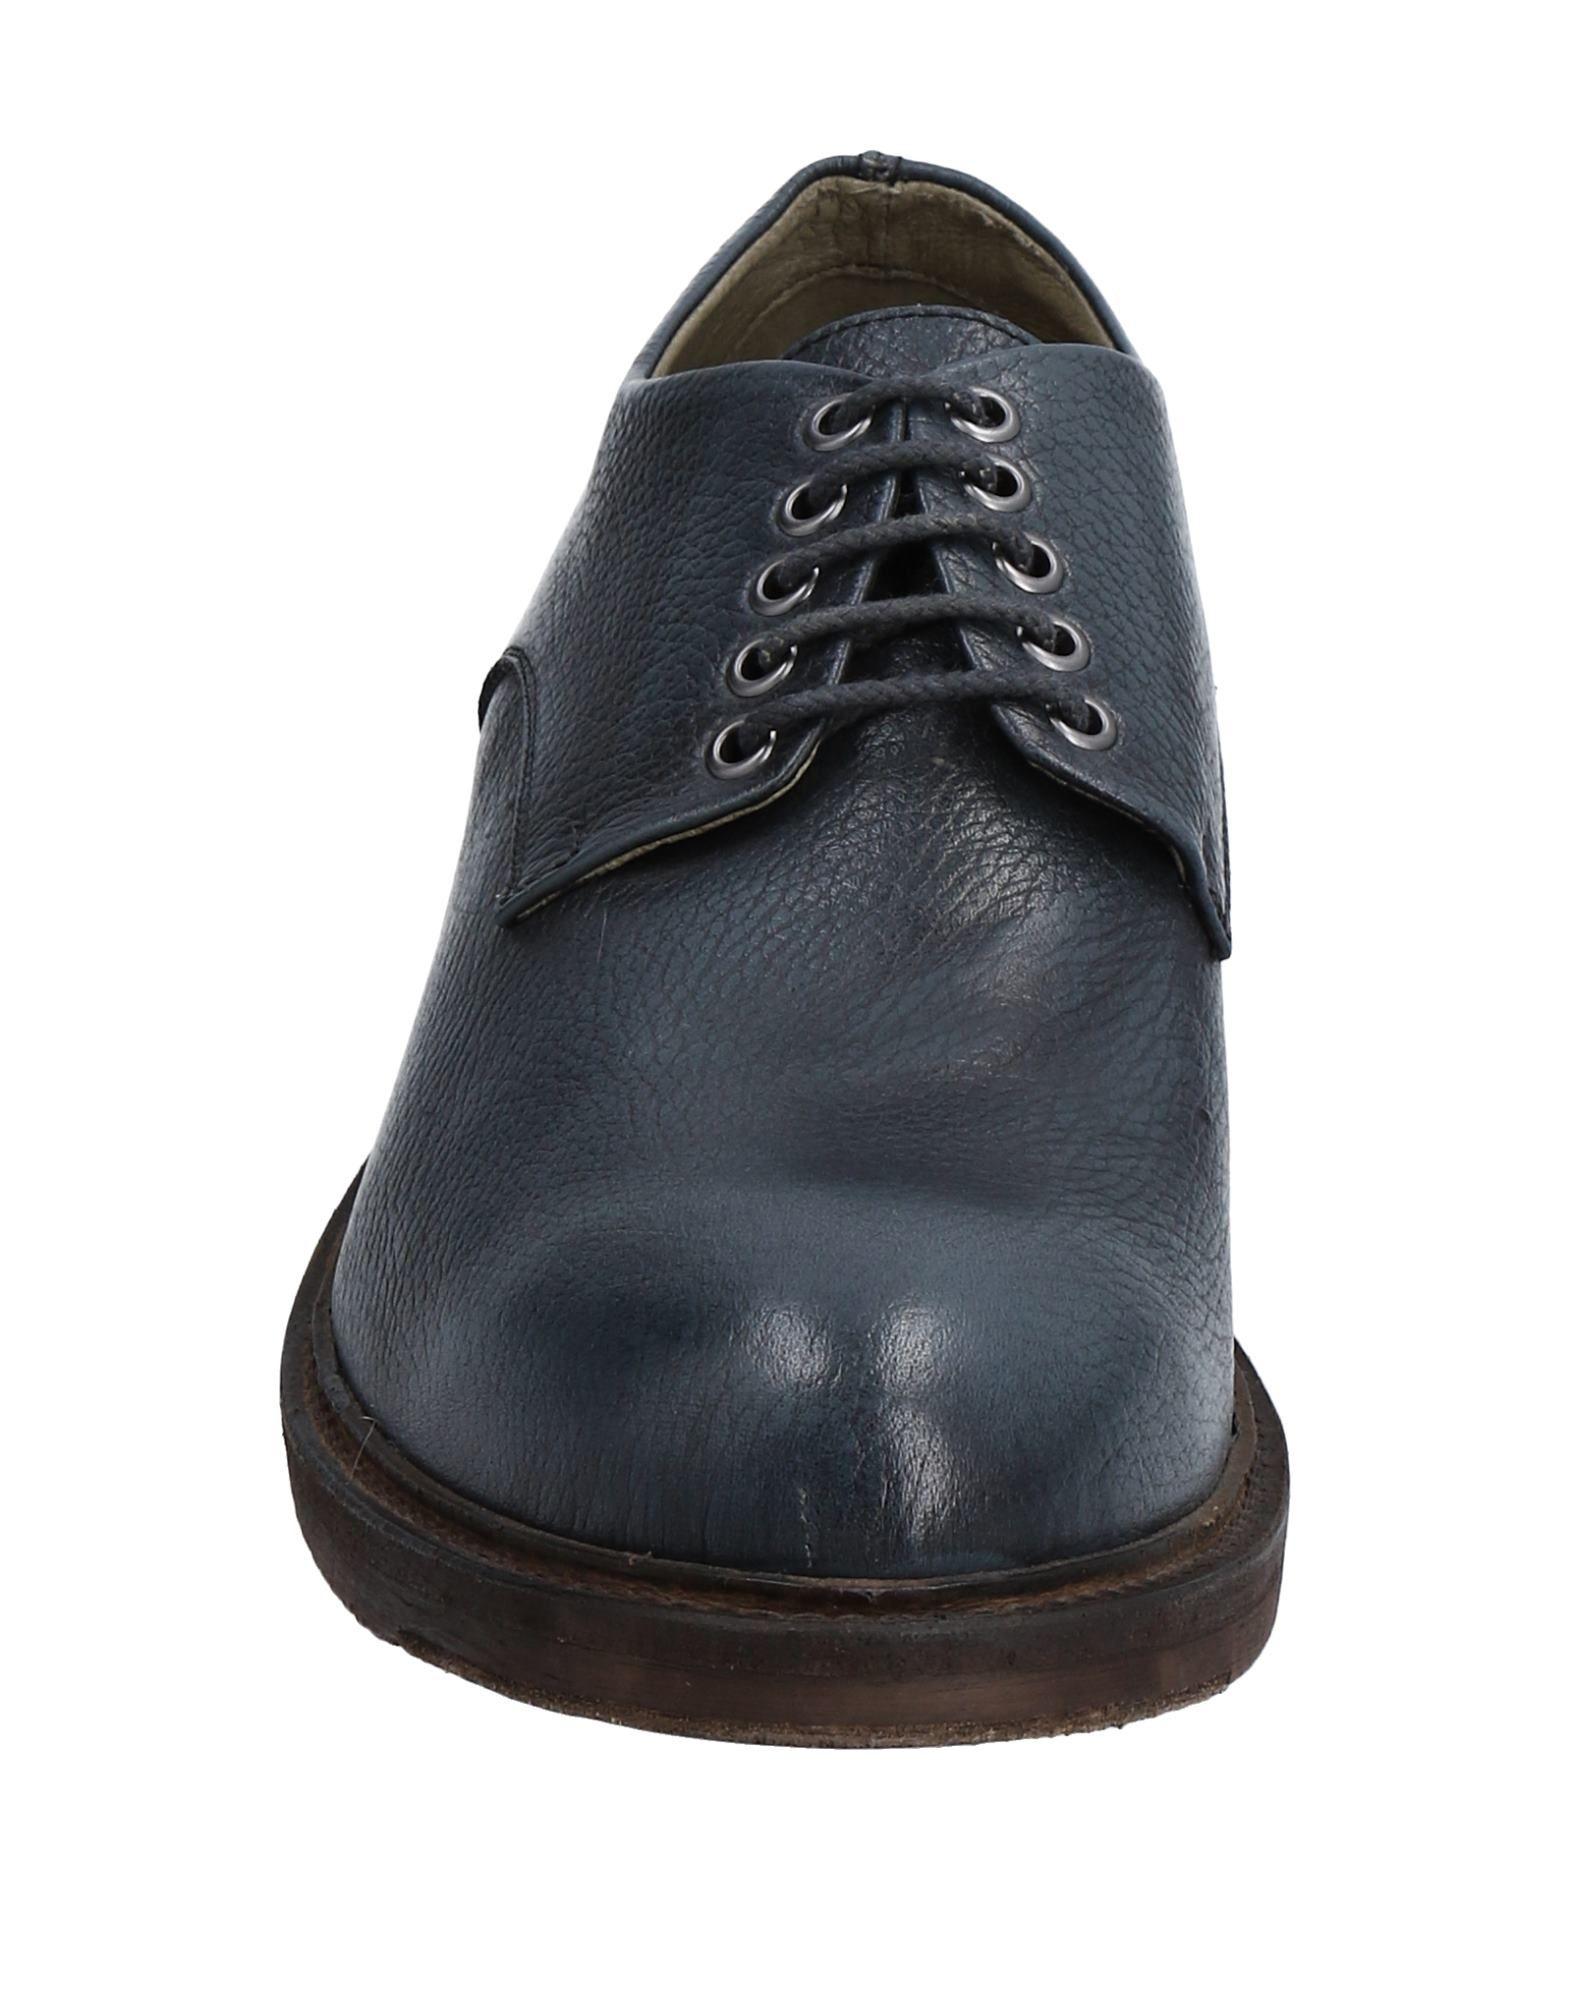 Rabatt Herren echte Schuhe Jp/David Schnürschuhe Herren Rabatt  11530738JF 515ee5